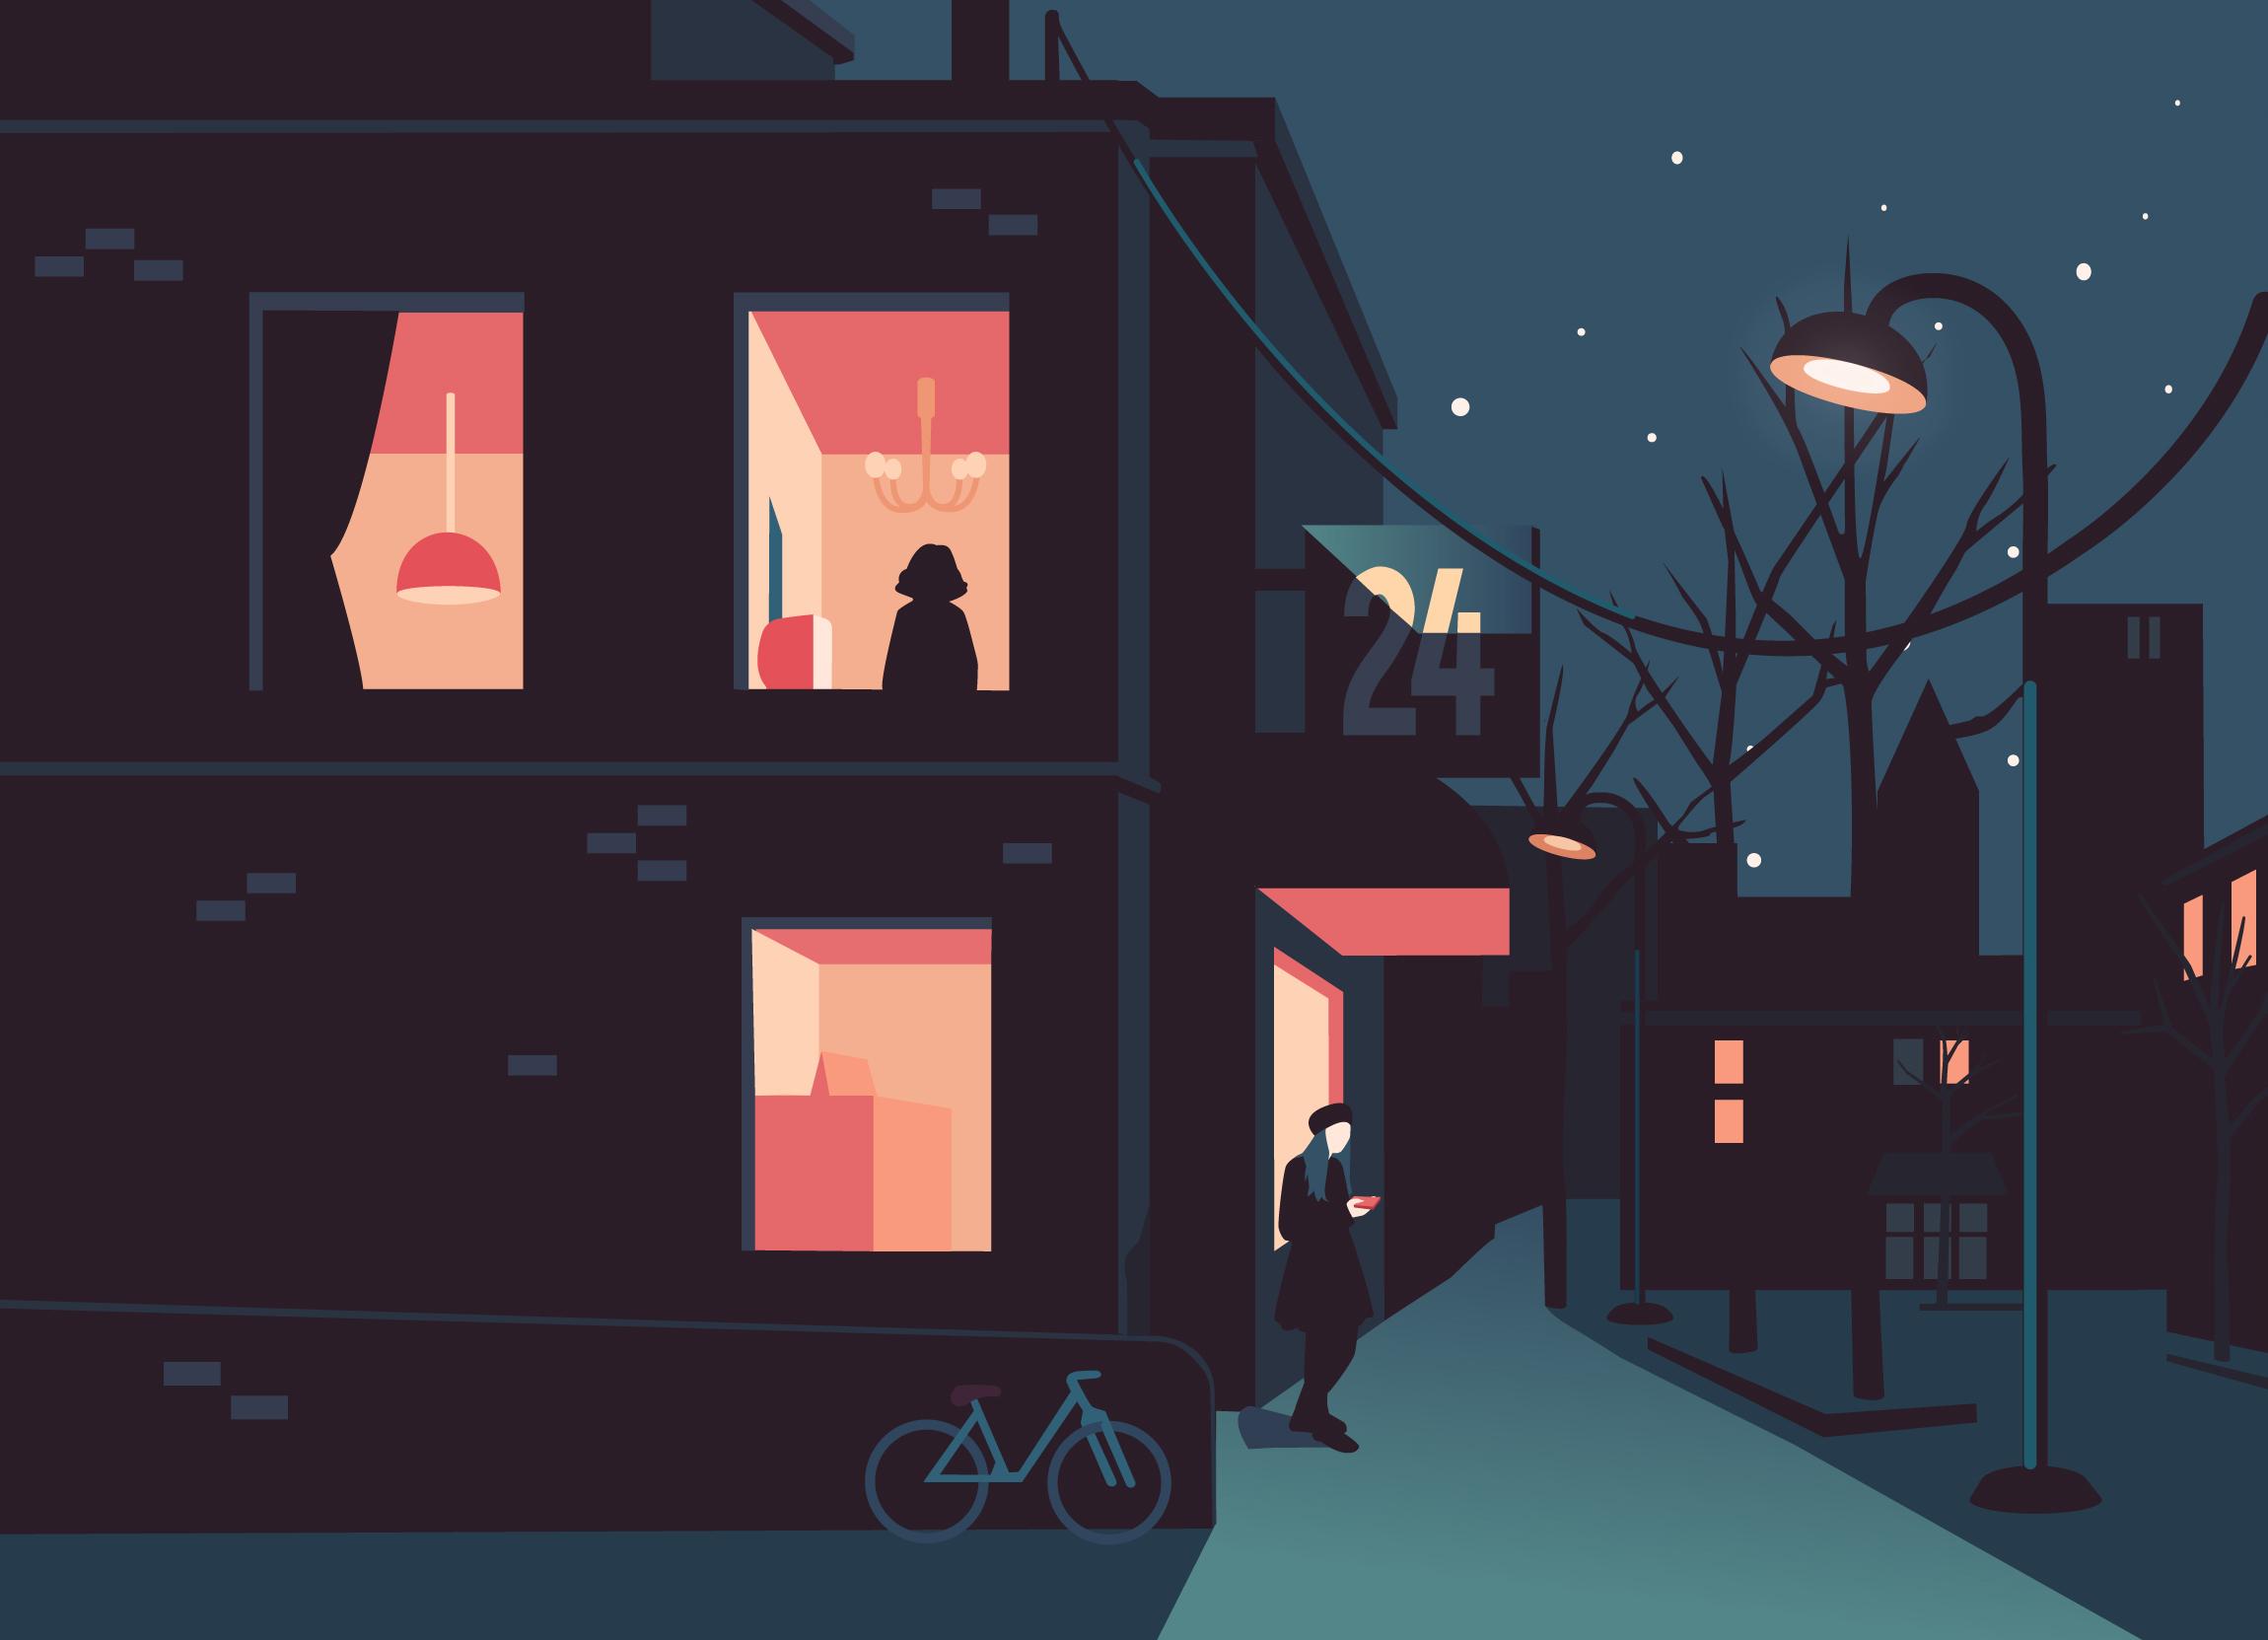 Иллюстрация — Imgur